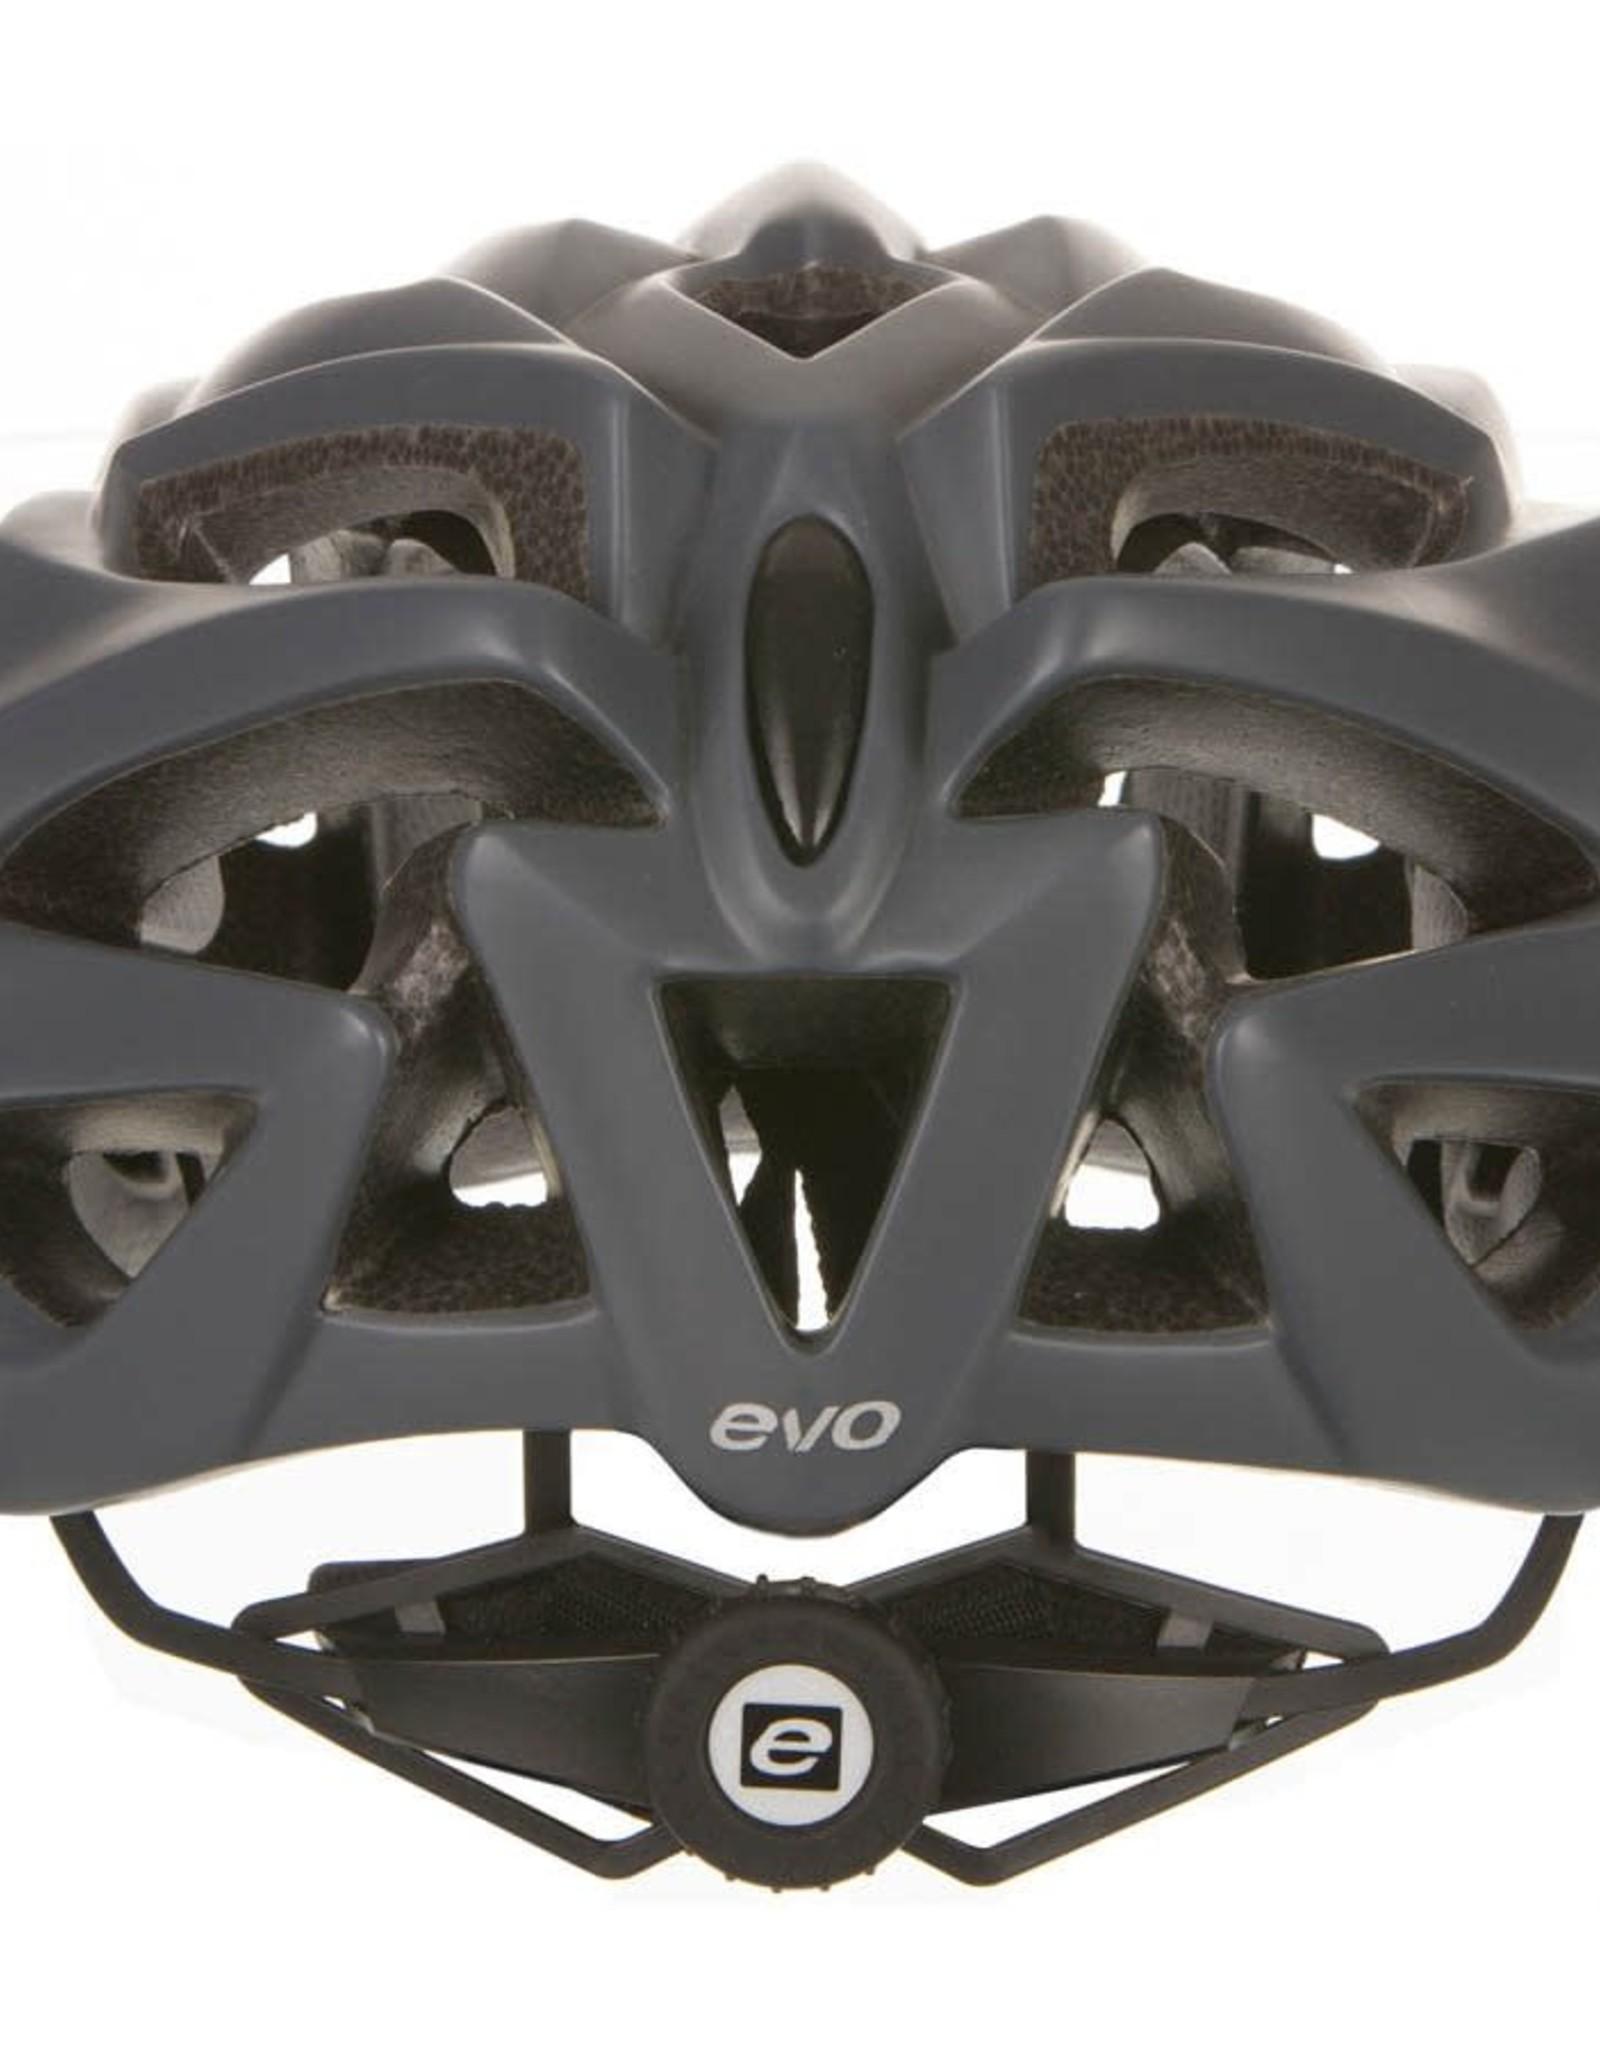 EVO EVO, Draff, Casque, Gris/Noir, LXL, 55 - 61cm